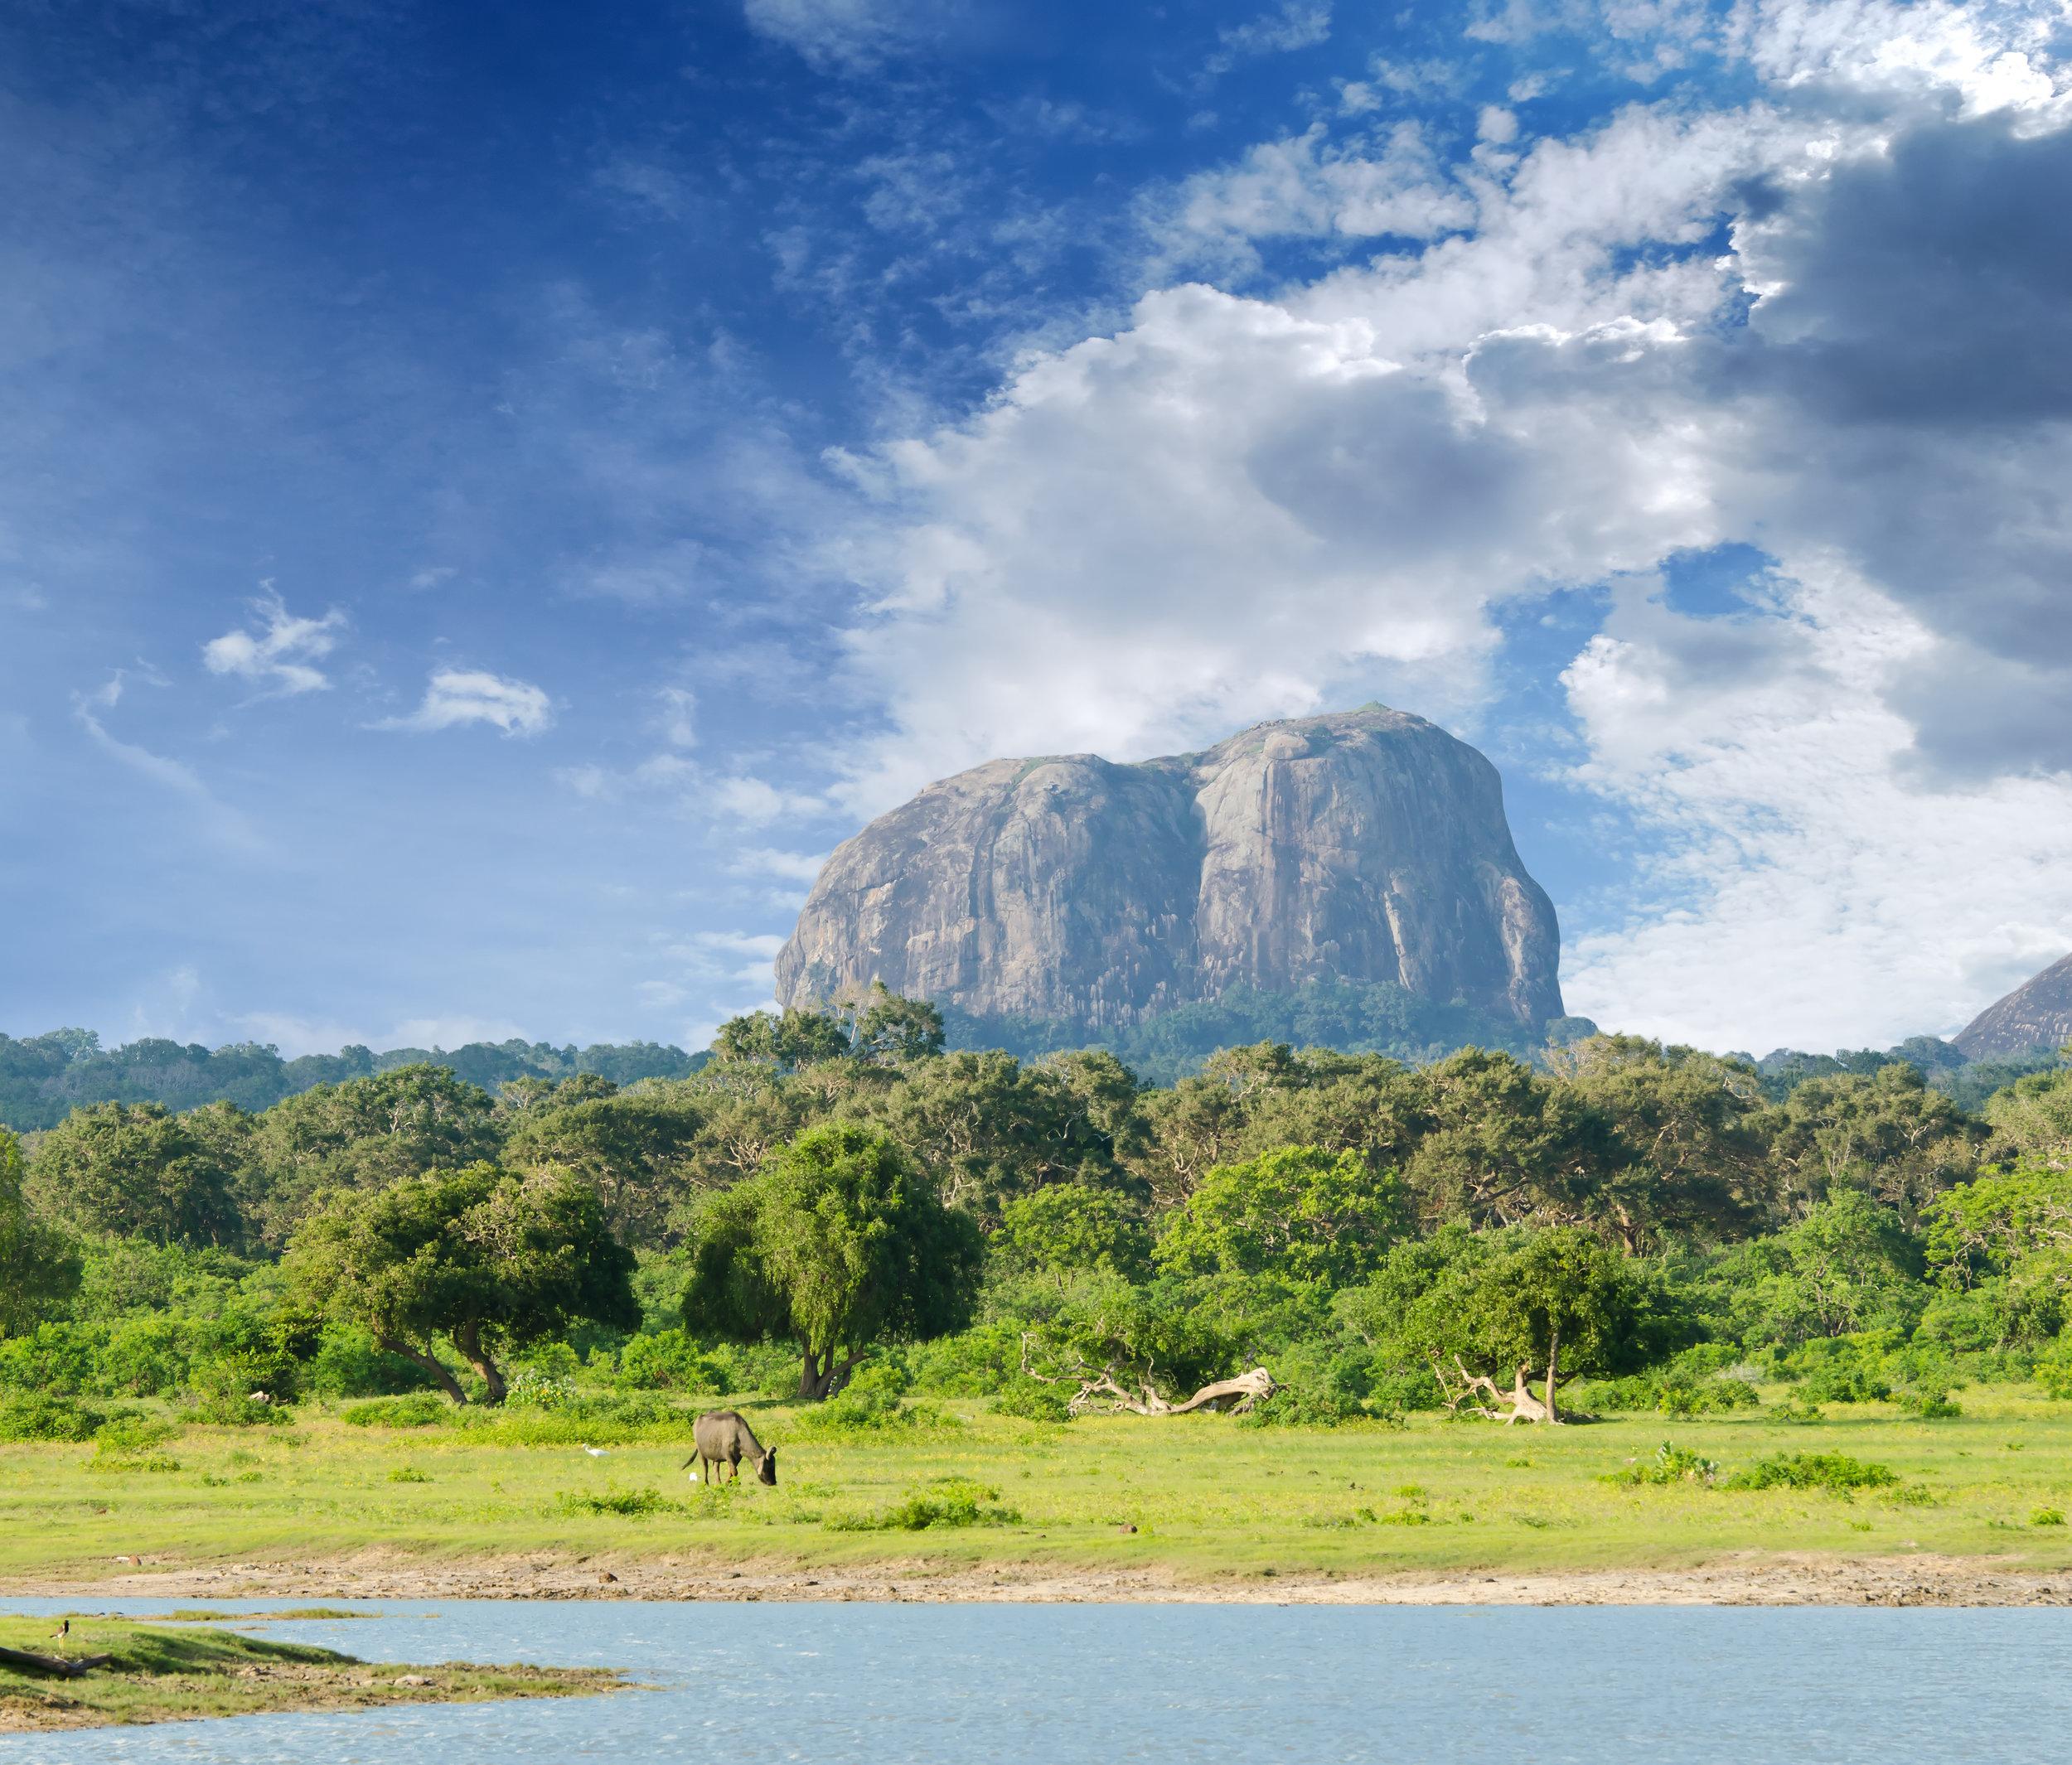 invite-to-paradise-sri-lanka-honeymoon-holiday-wildlife-safari-sunset-over-lake-Elephant-rock-Yala-national-park-2.jpg